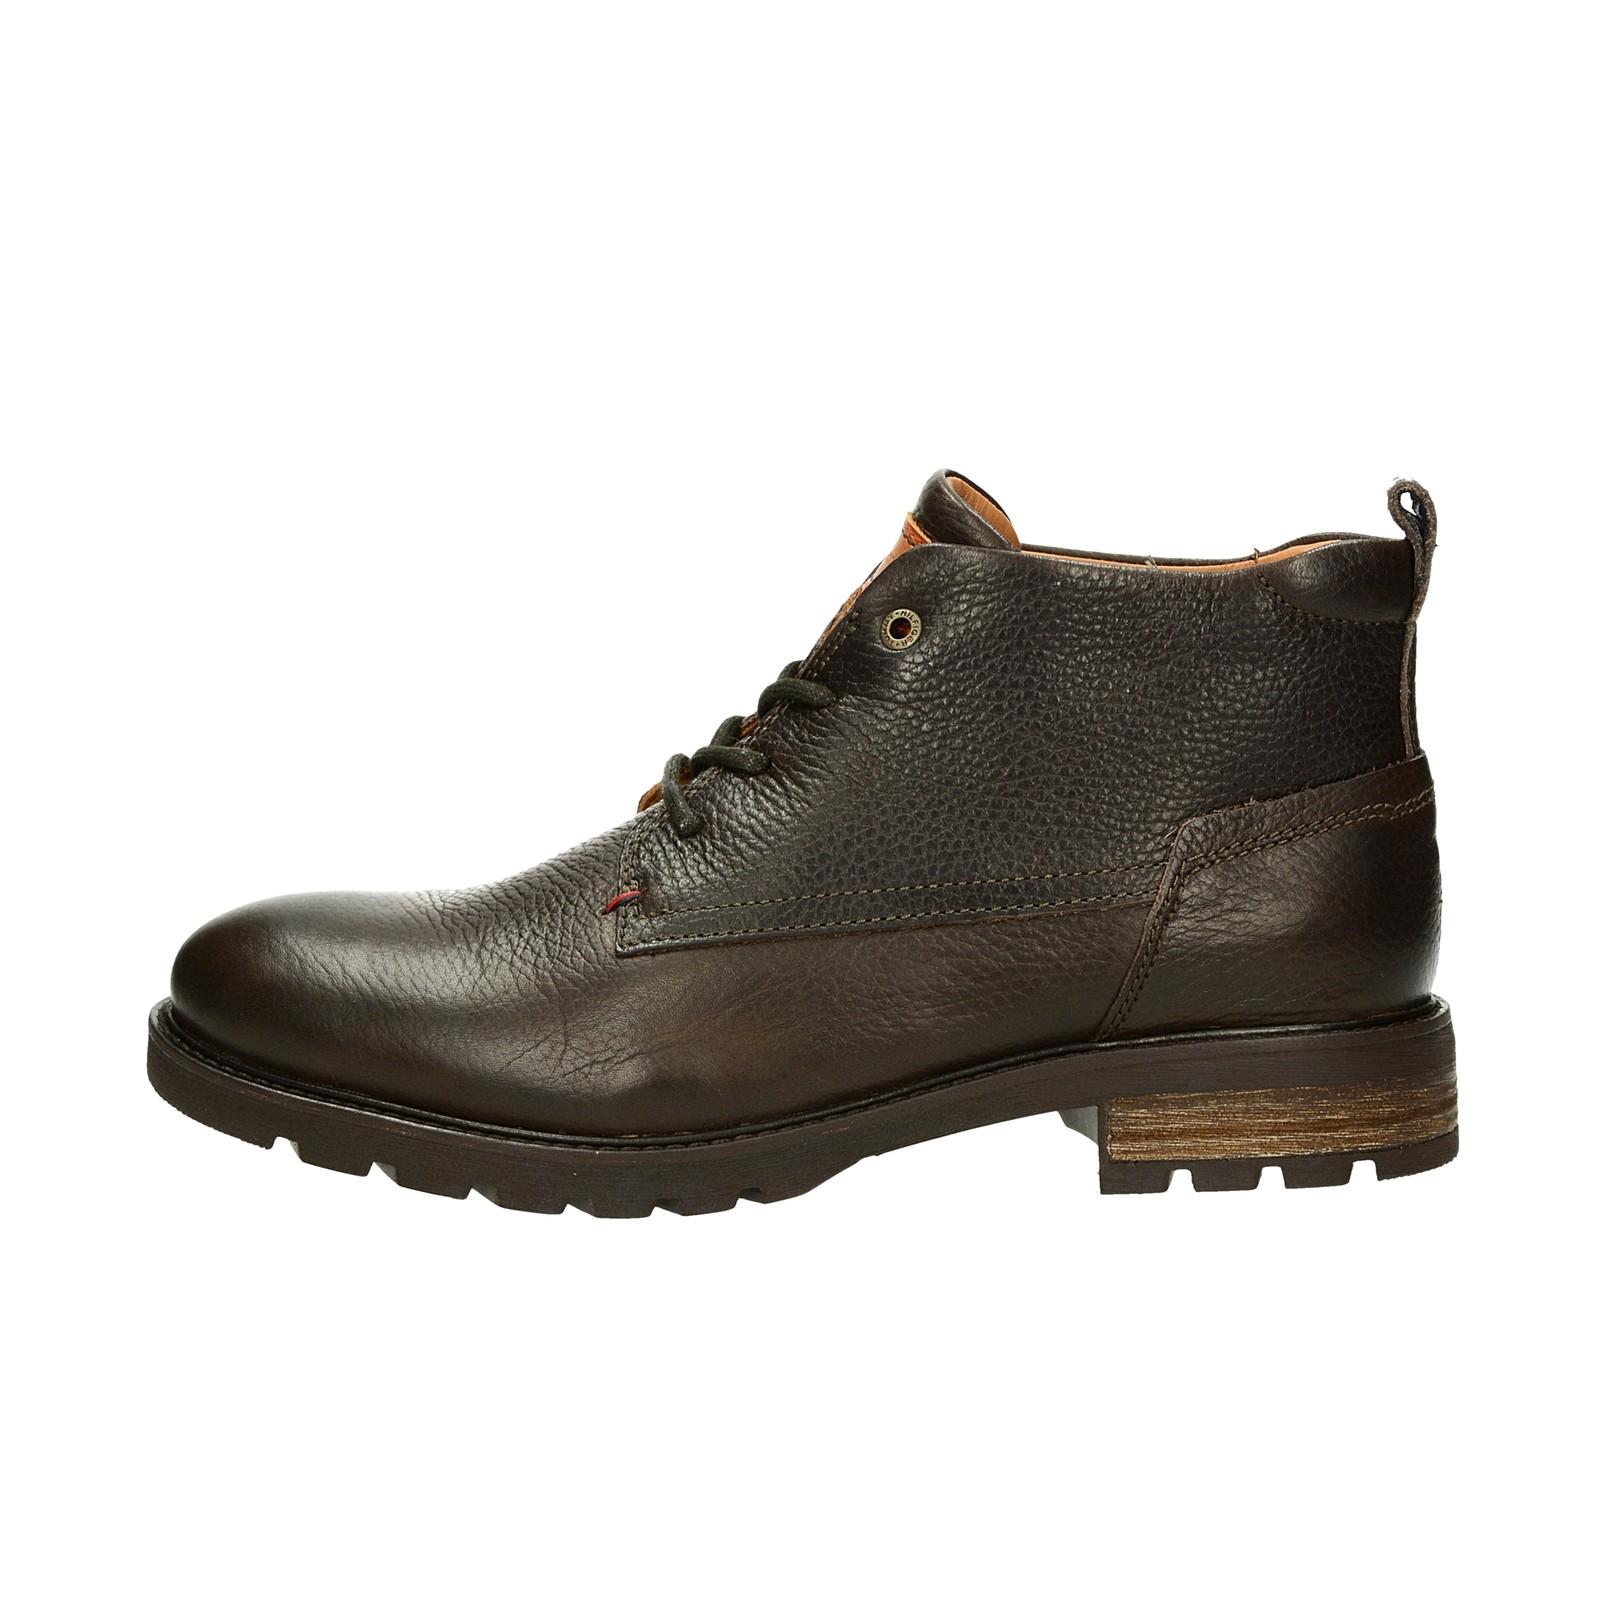 ... Tommy Hilfiger pánská kožená kotníková obuv - hnědá ... 74a9d75145